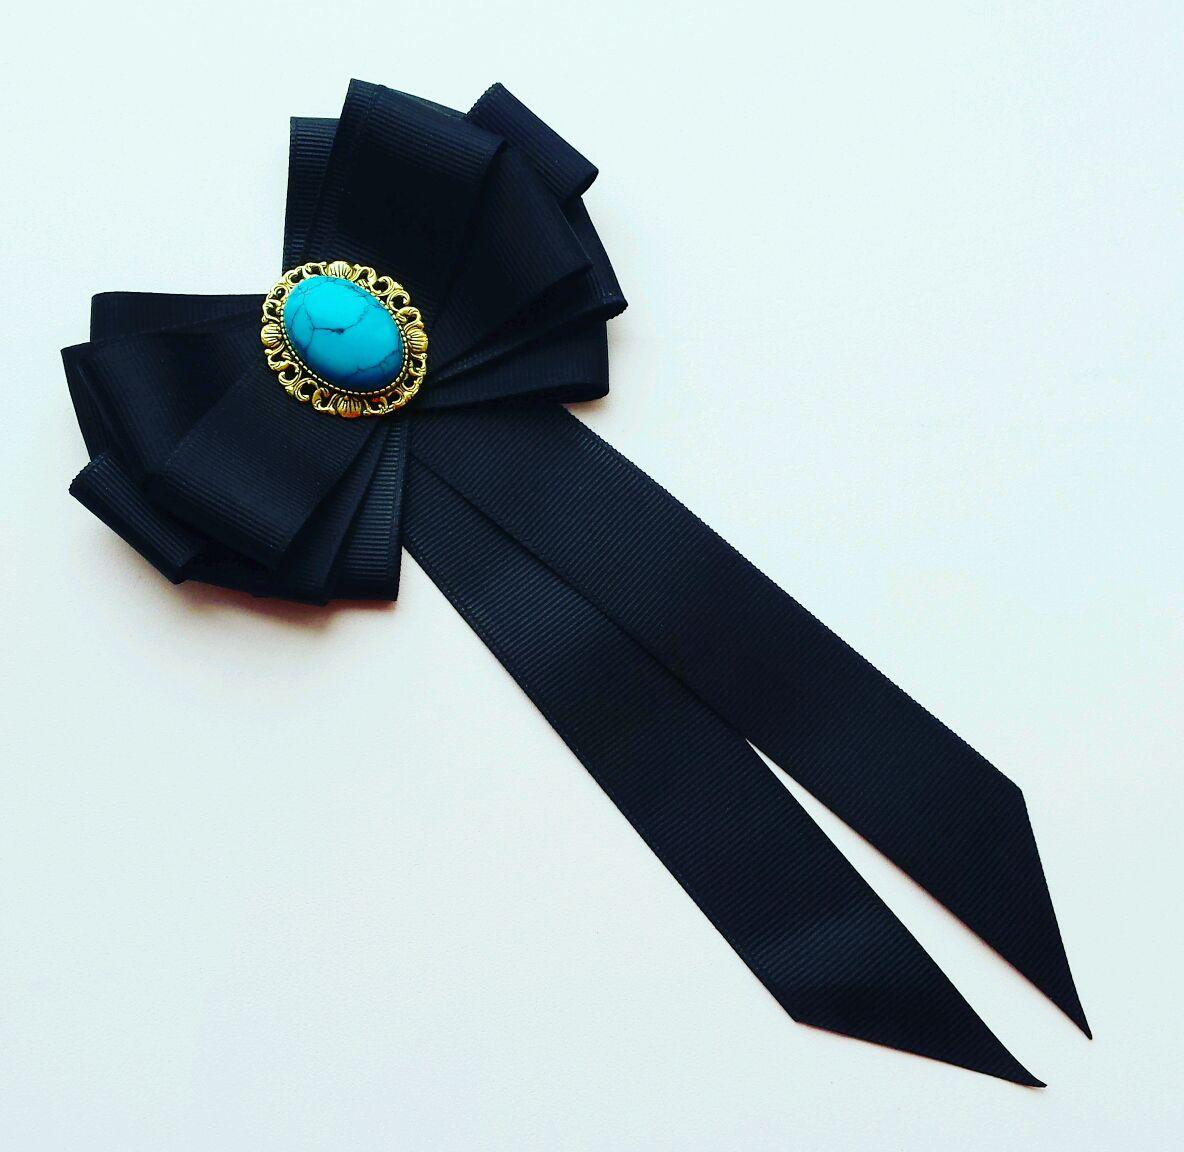 для галстук из лент своими руками фото что петербурге масленицу